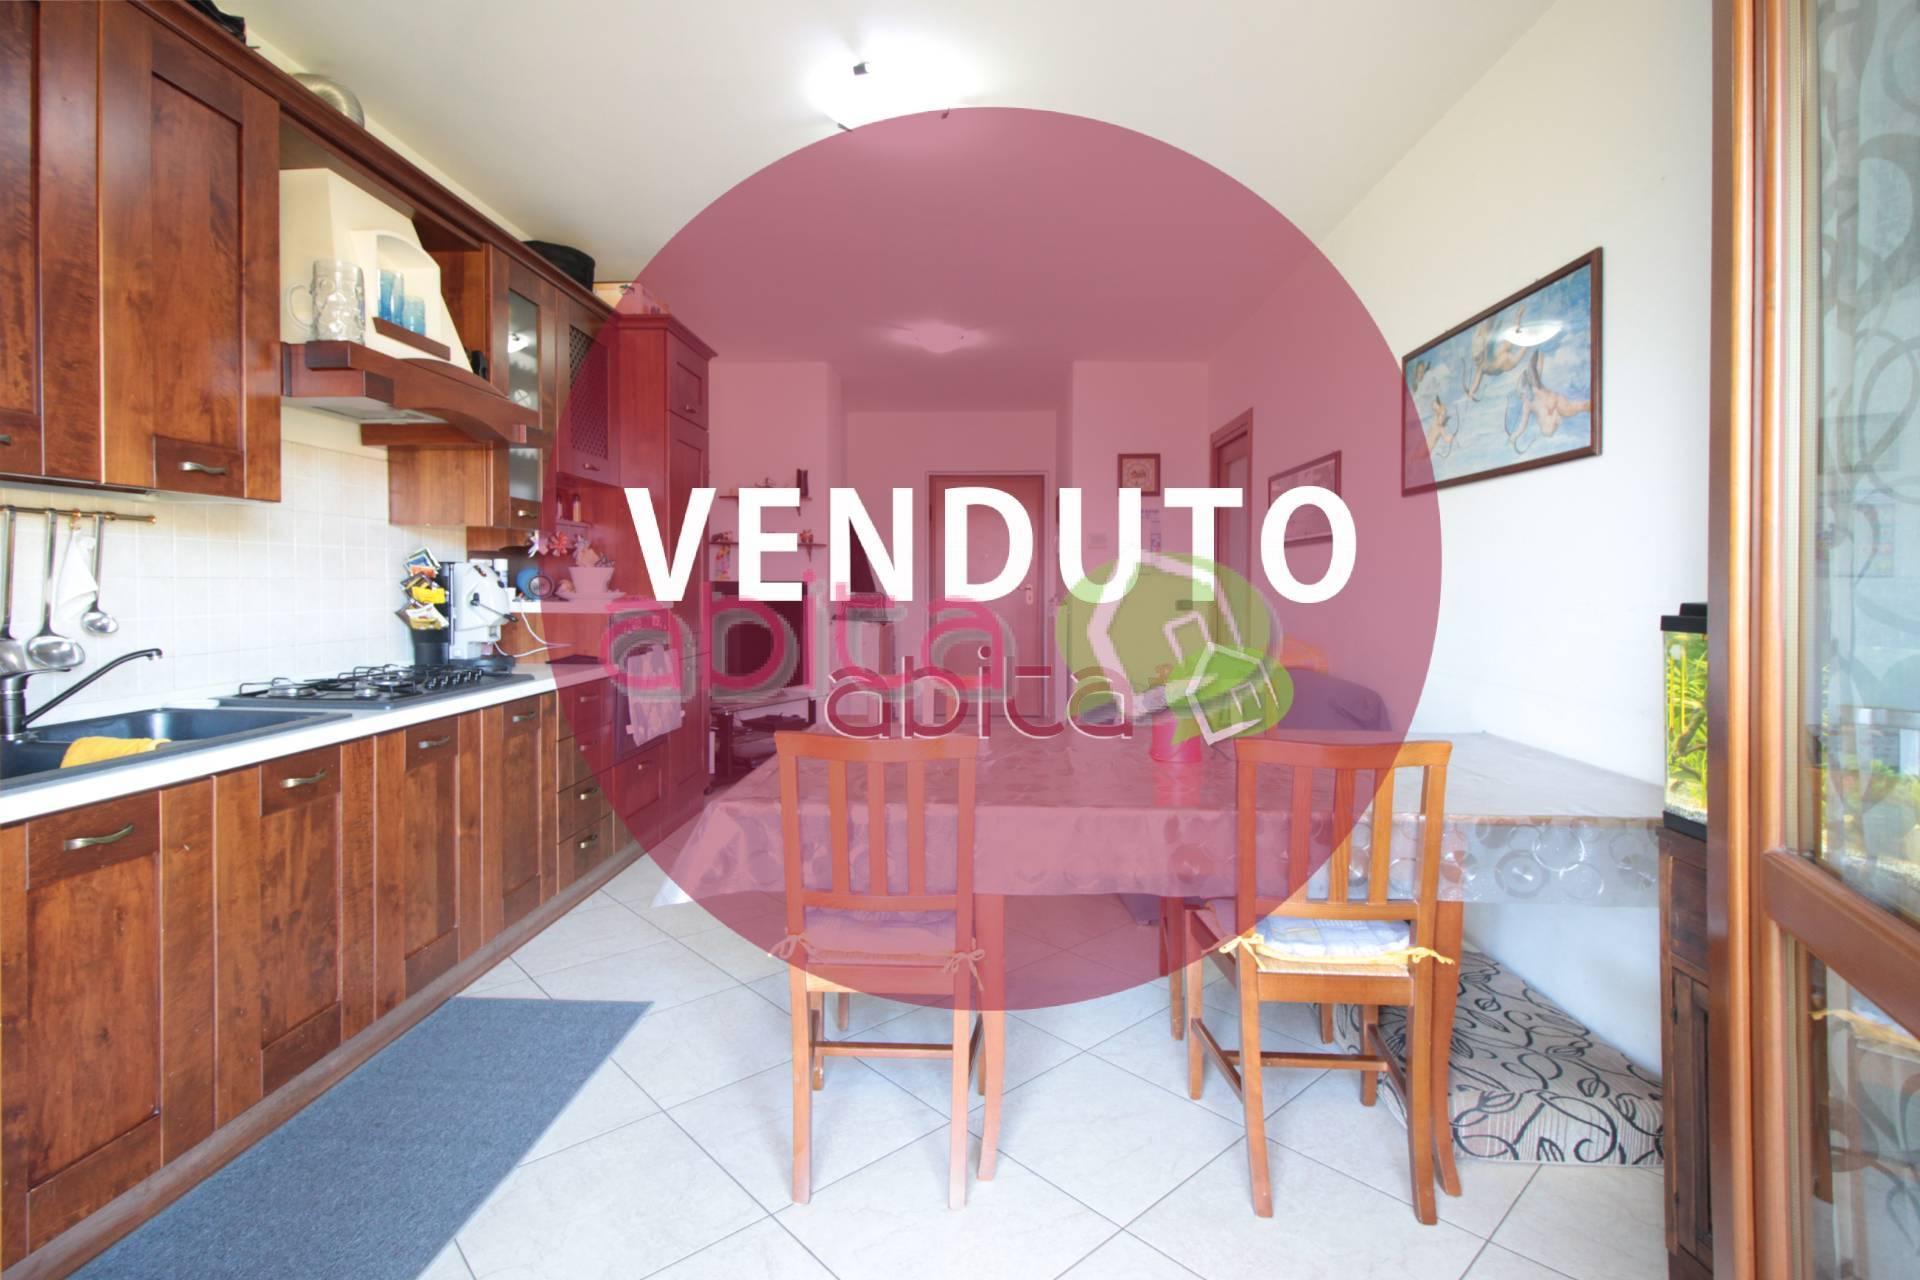 Appartamento in vendita a Spinetoli, 3 locali, zona Località: SanPioX, prezzo € 75.000 | CambioCasa.it